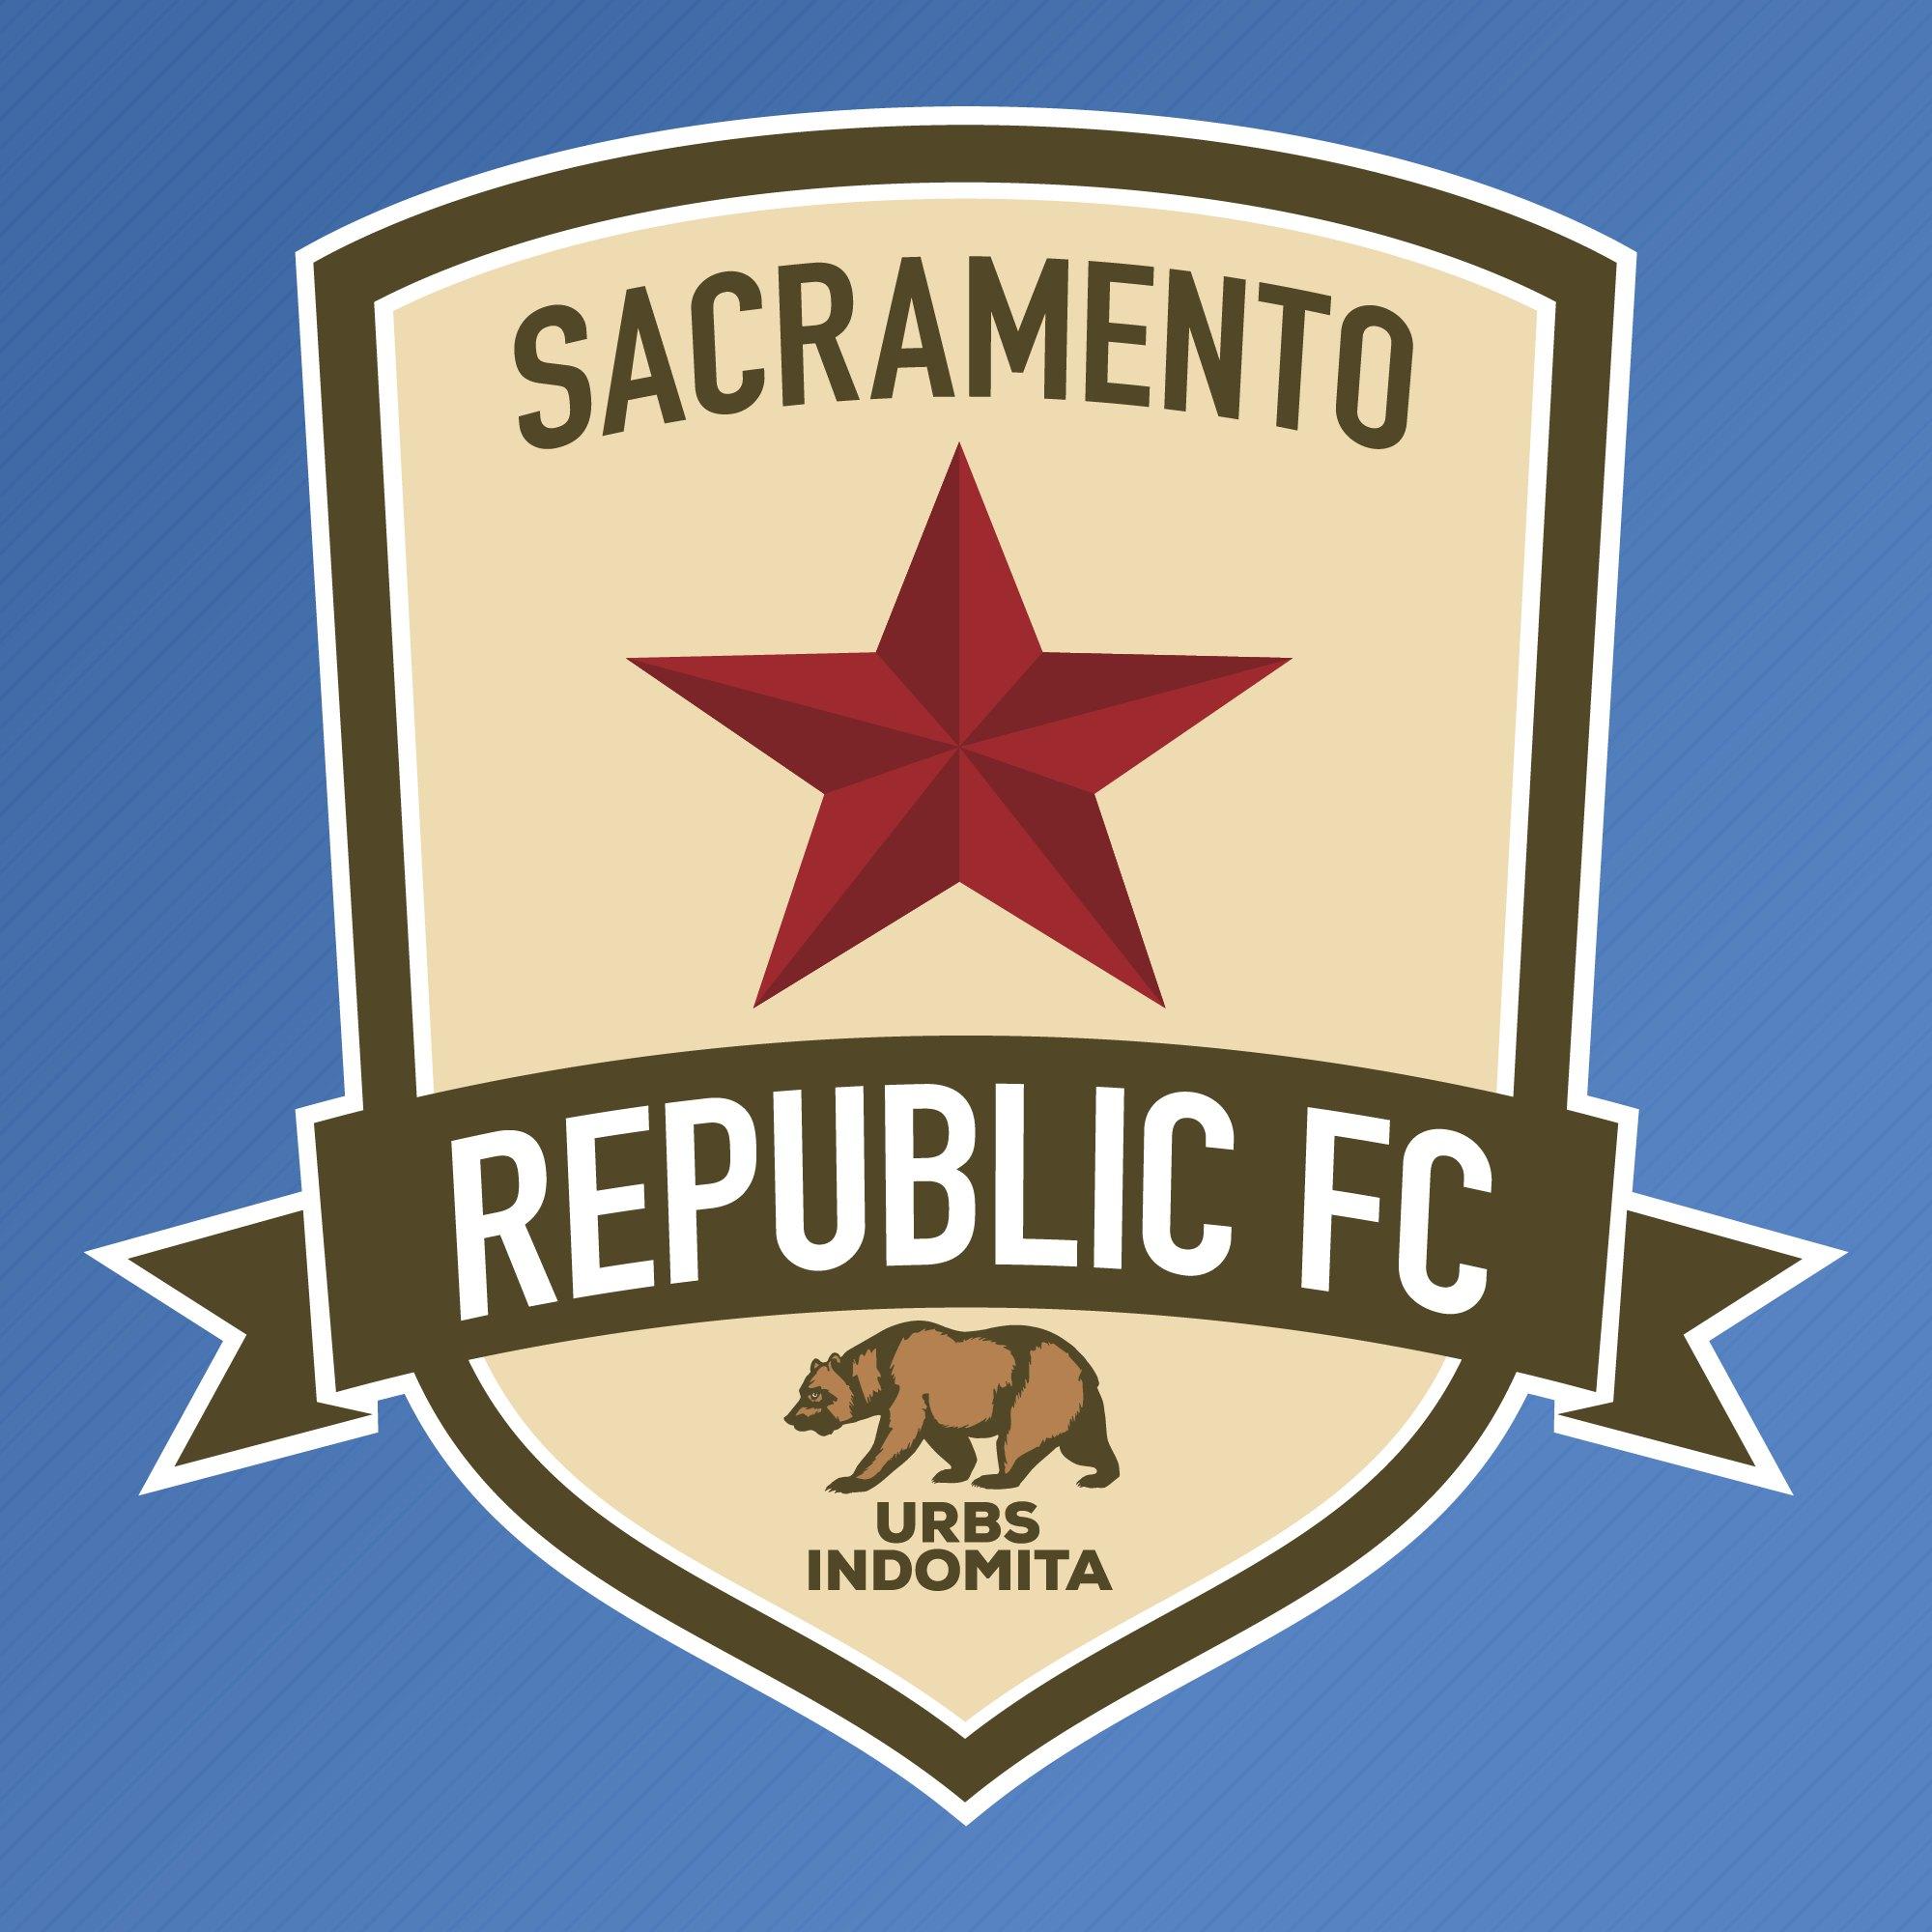 El escudo actual del Sacramento Republic FC | Imagen Web Oficial